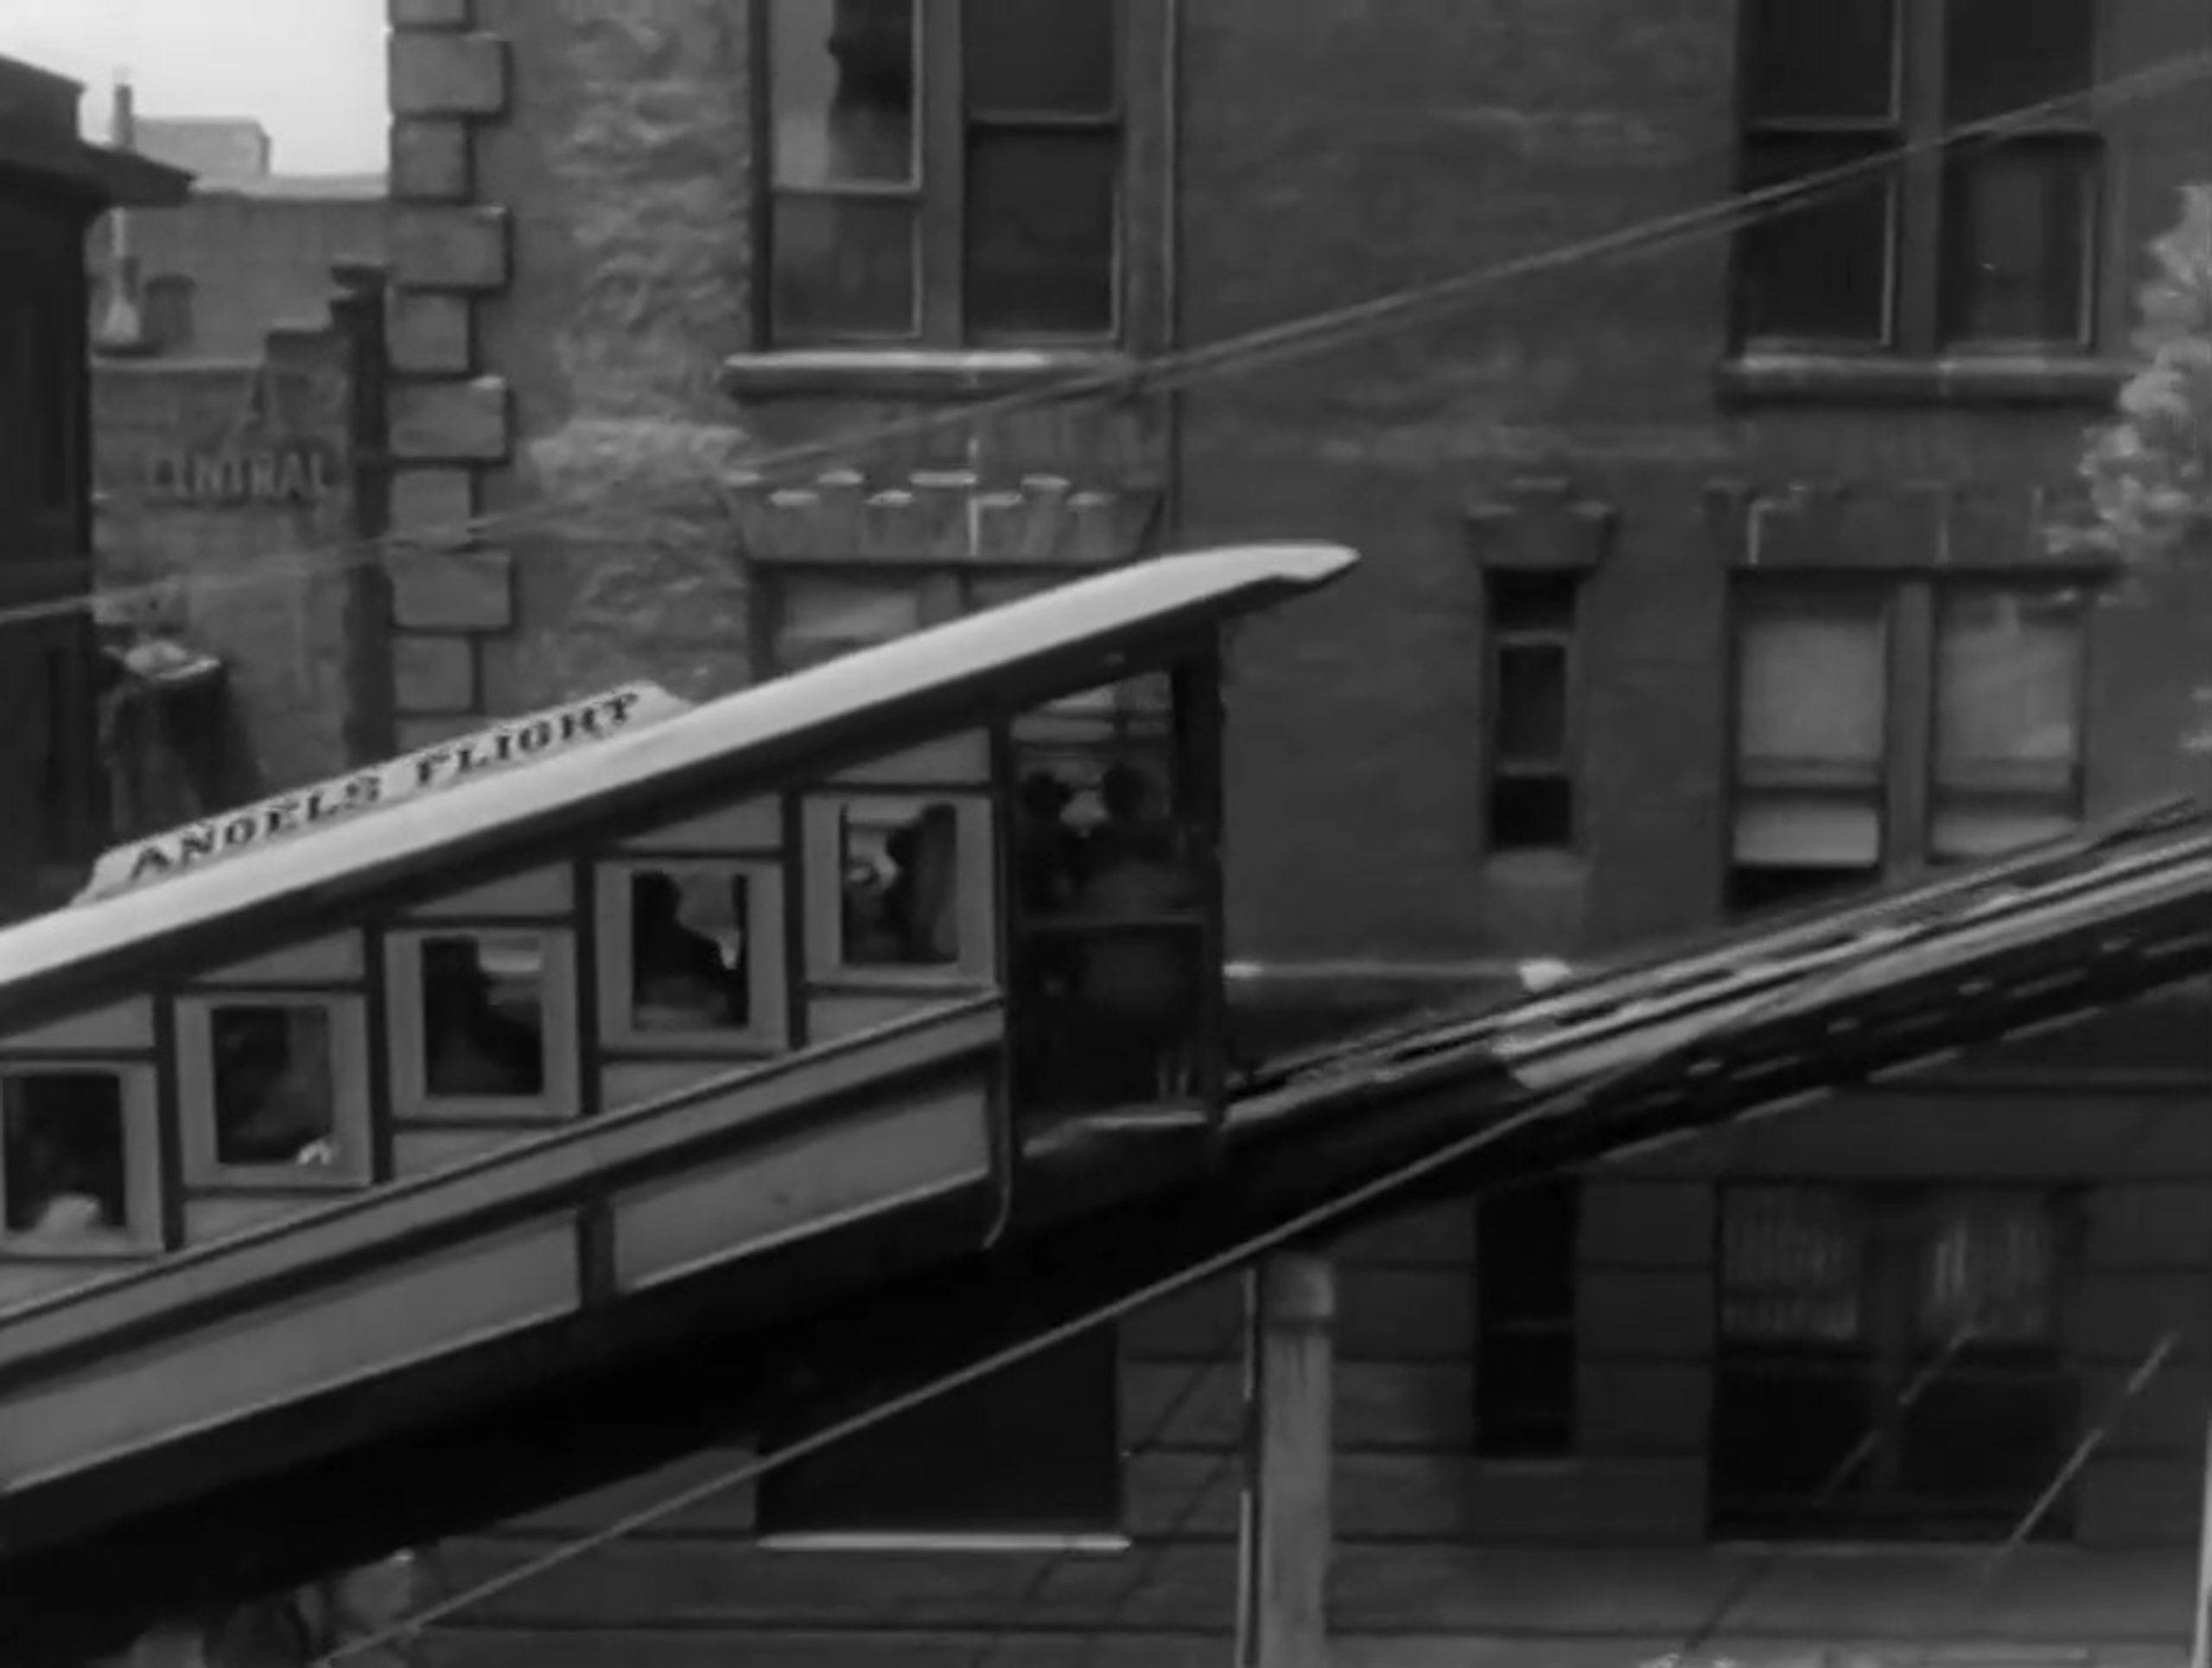 夜は千の目を持つ(1948)